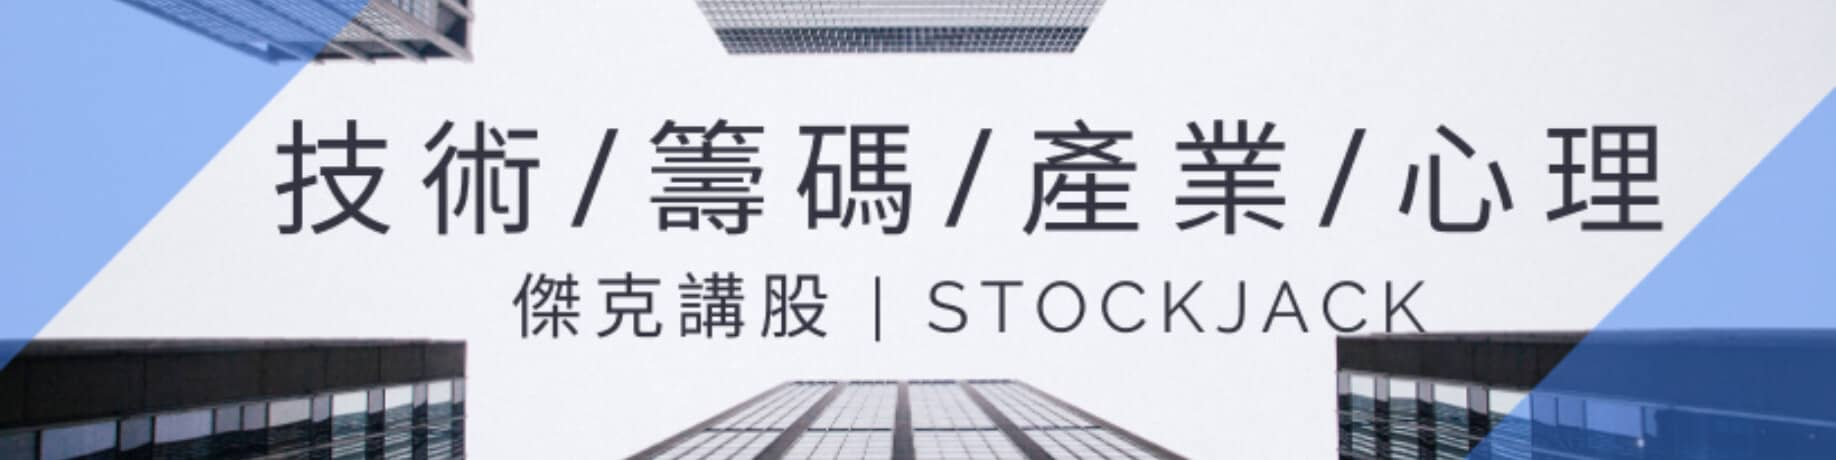 傑克講股StockJack-短線當沖+長線打造你自已的必勝攻略本